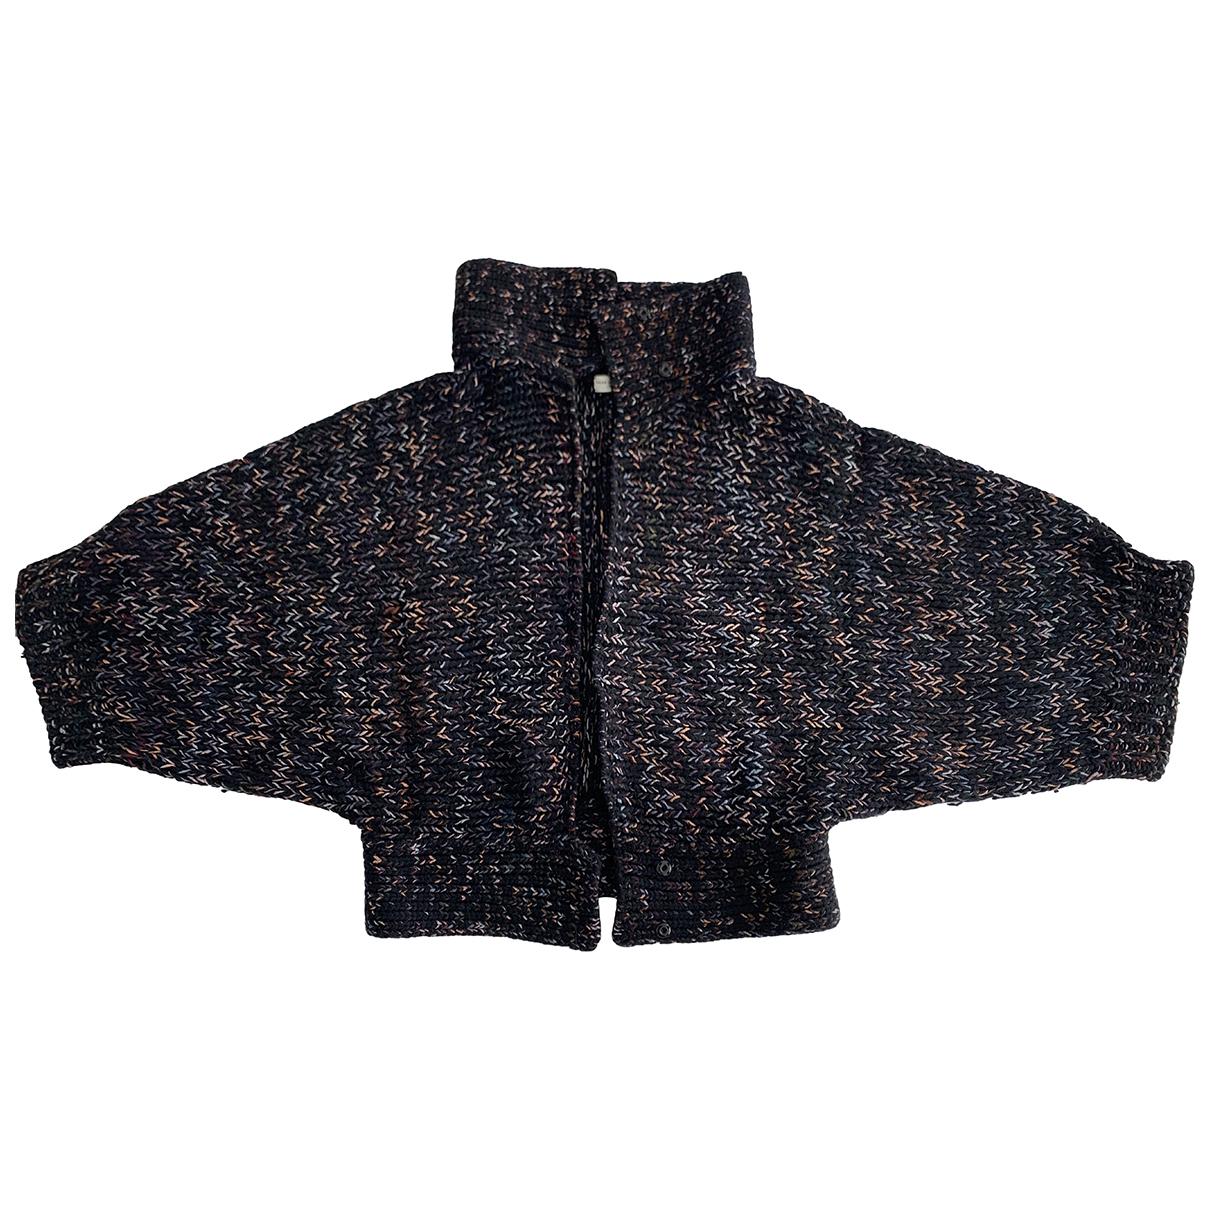 Dries Van Noten - Pull   pour femme en laine - noir